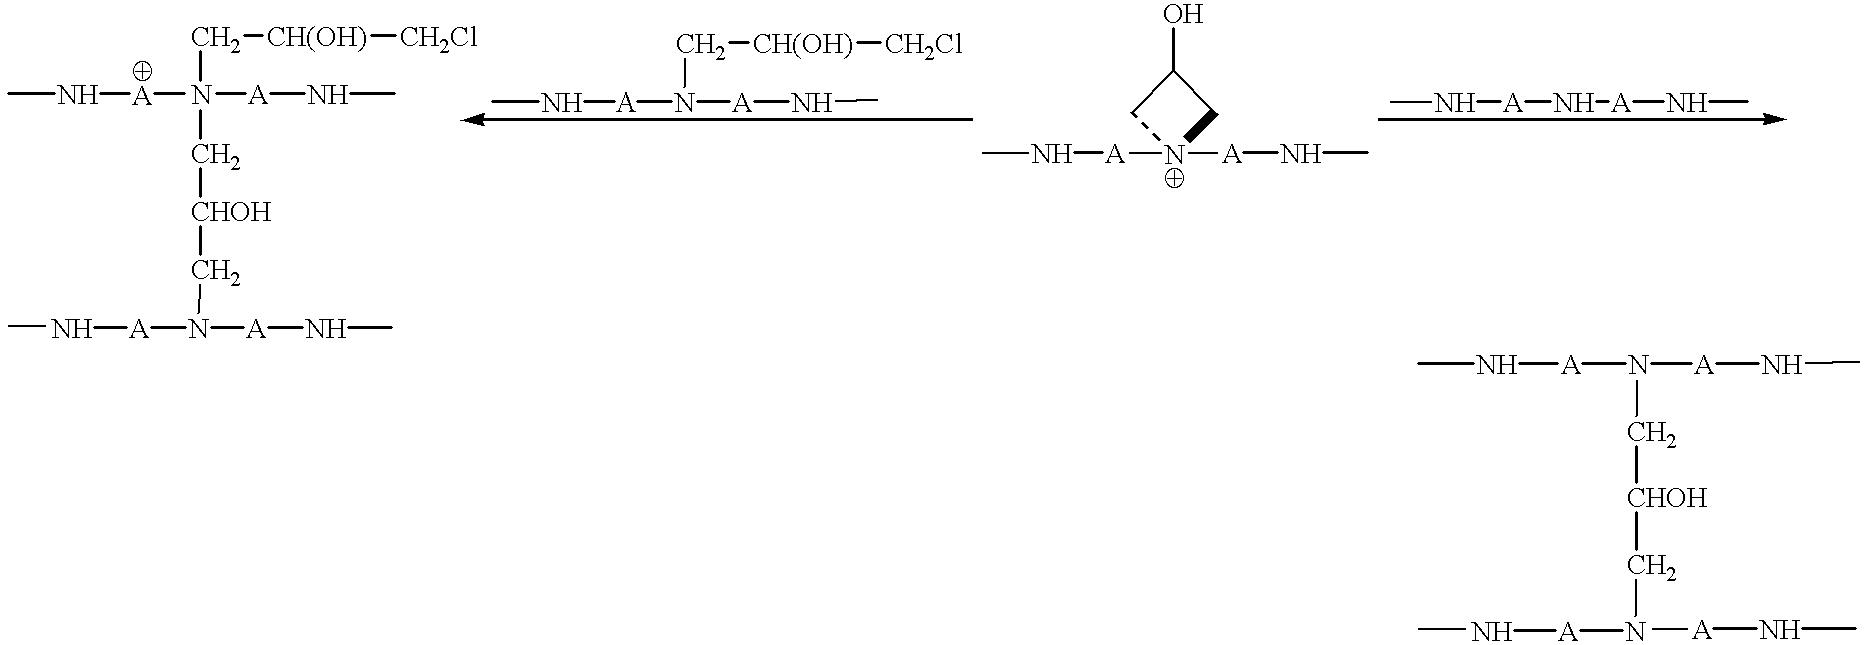 Figure US06222006-20010424-C00008